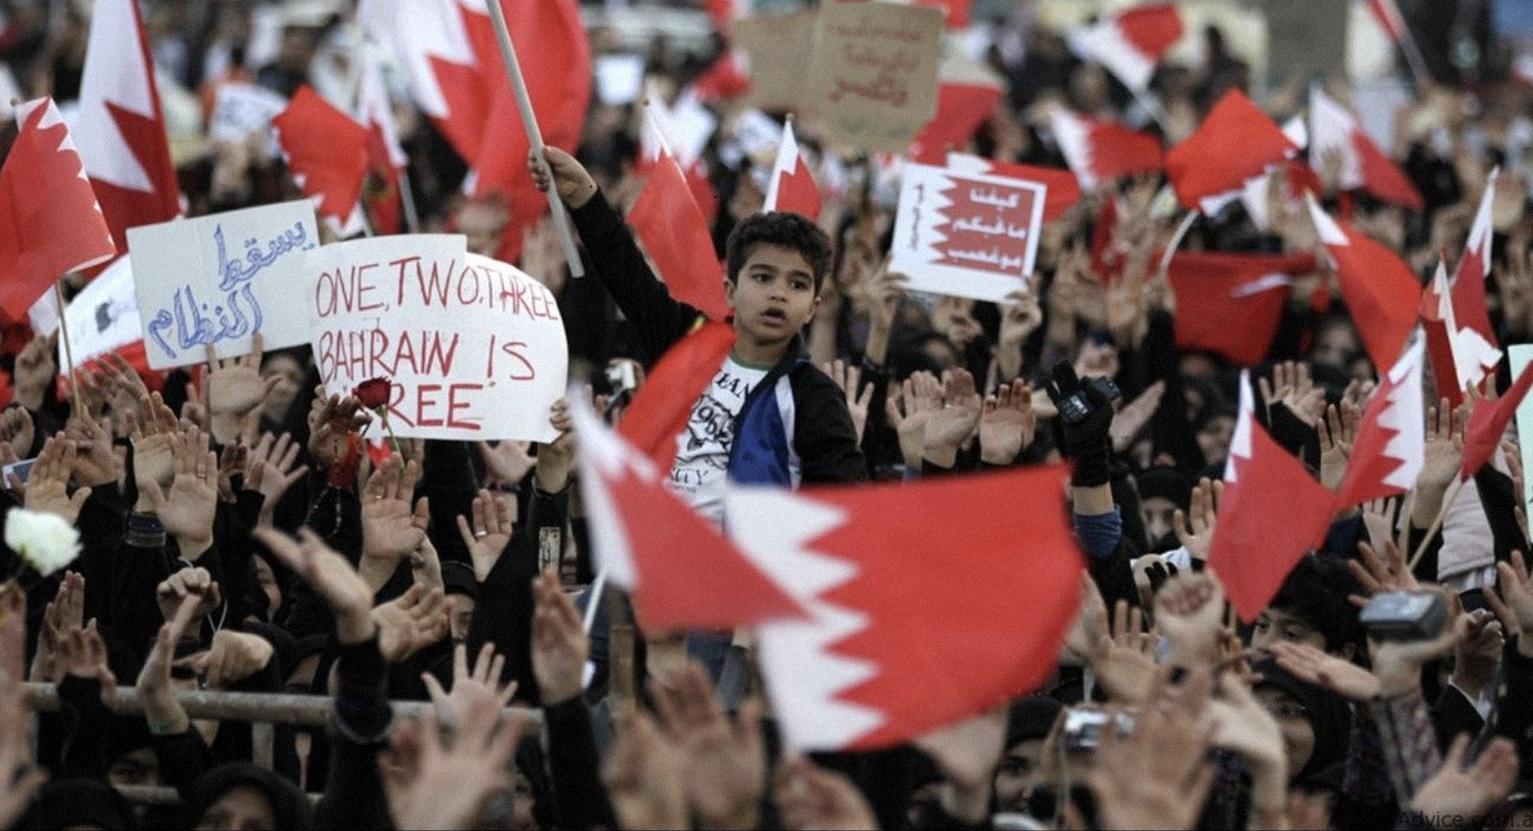 صورة البحرين تشترط على مواطنيها الشيعة الحصول على إقامات وإحضار كفيل سنّي إن رغبوا بالبقاء في البلاد